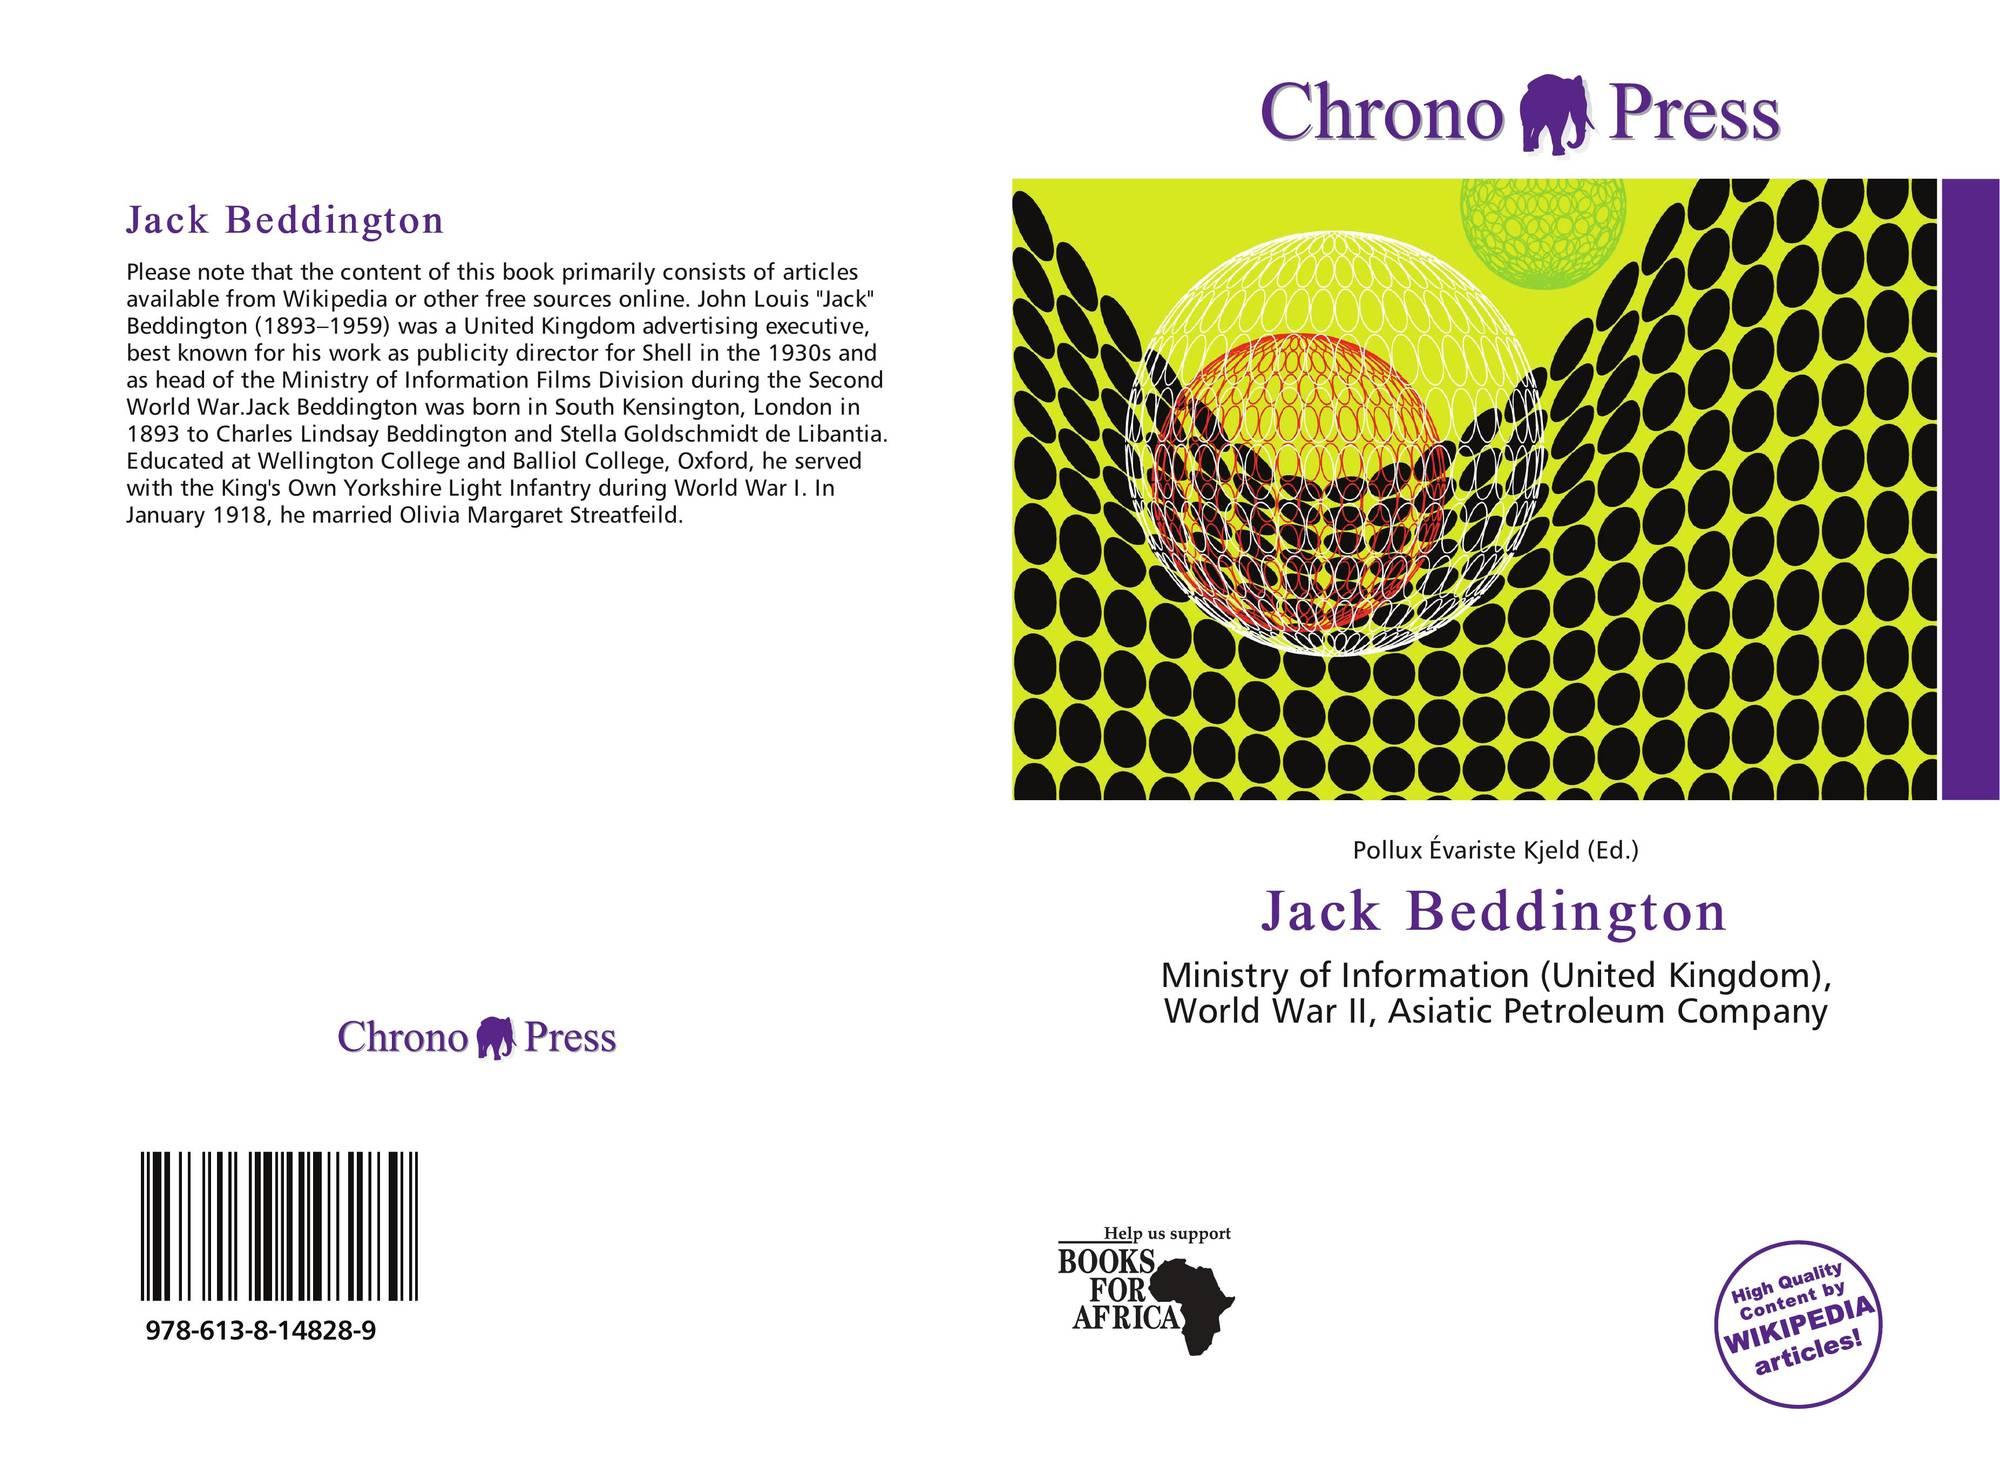 Jack Beddington